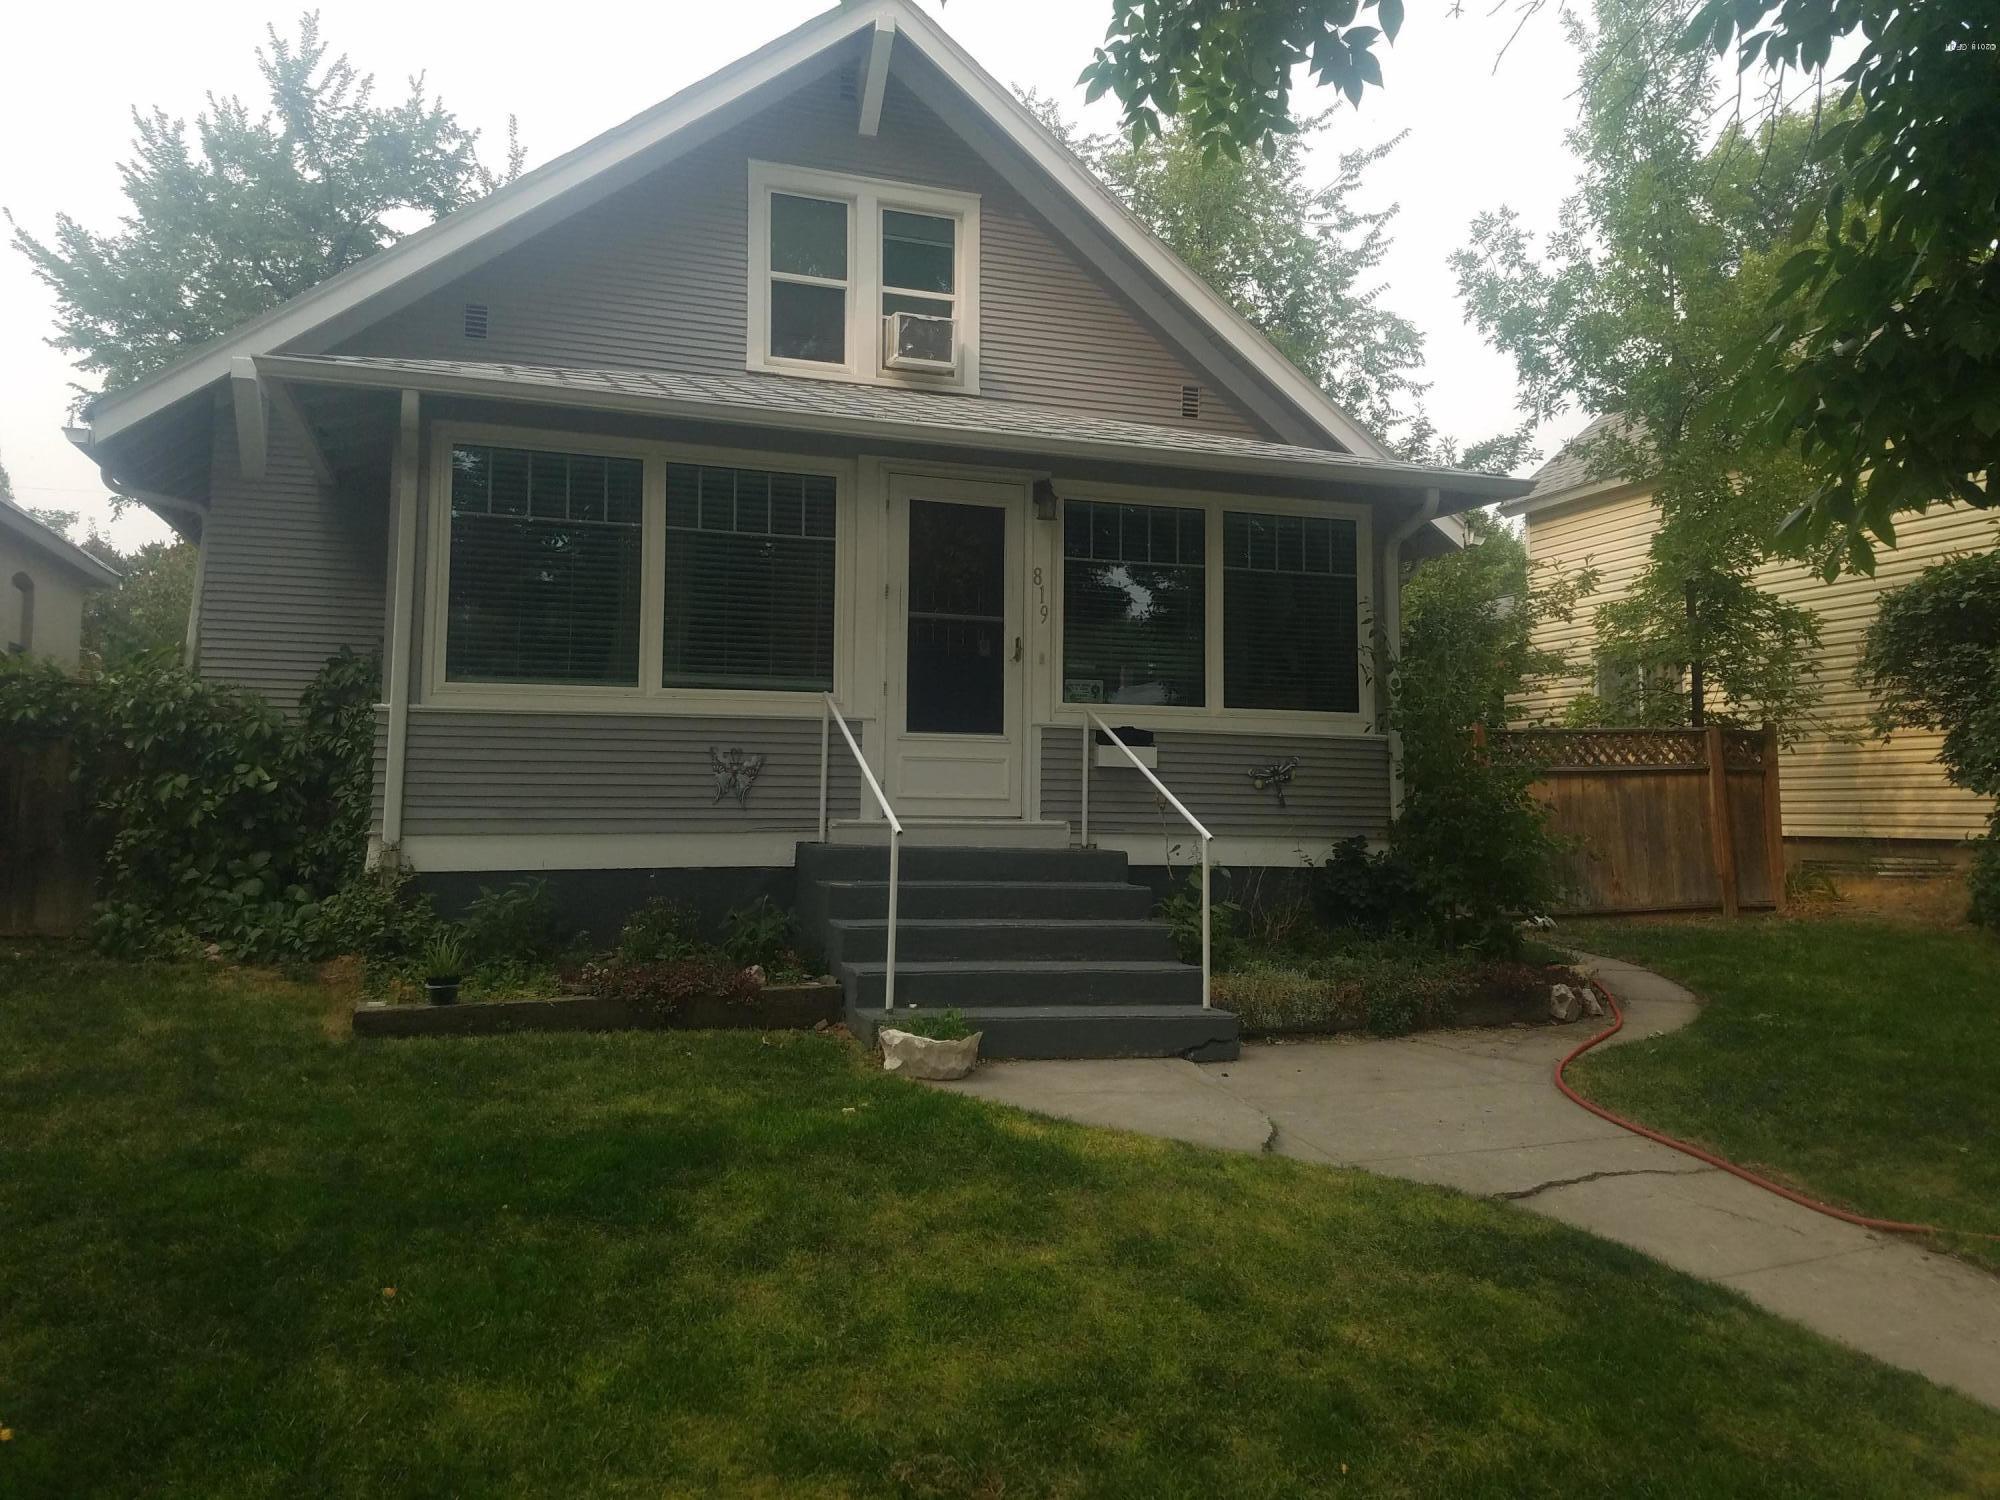 819 7th Avenue N, Great Falls, MT 59401